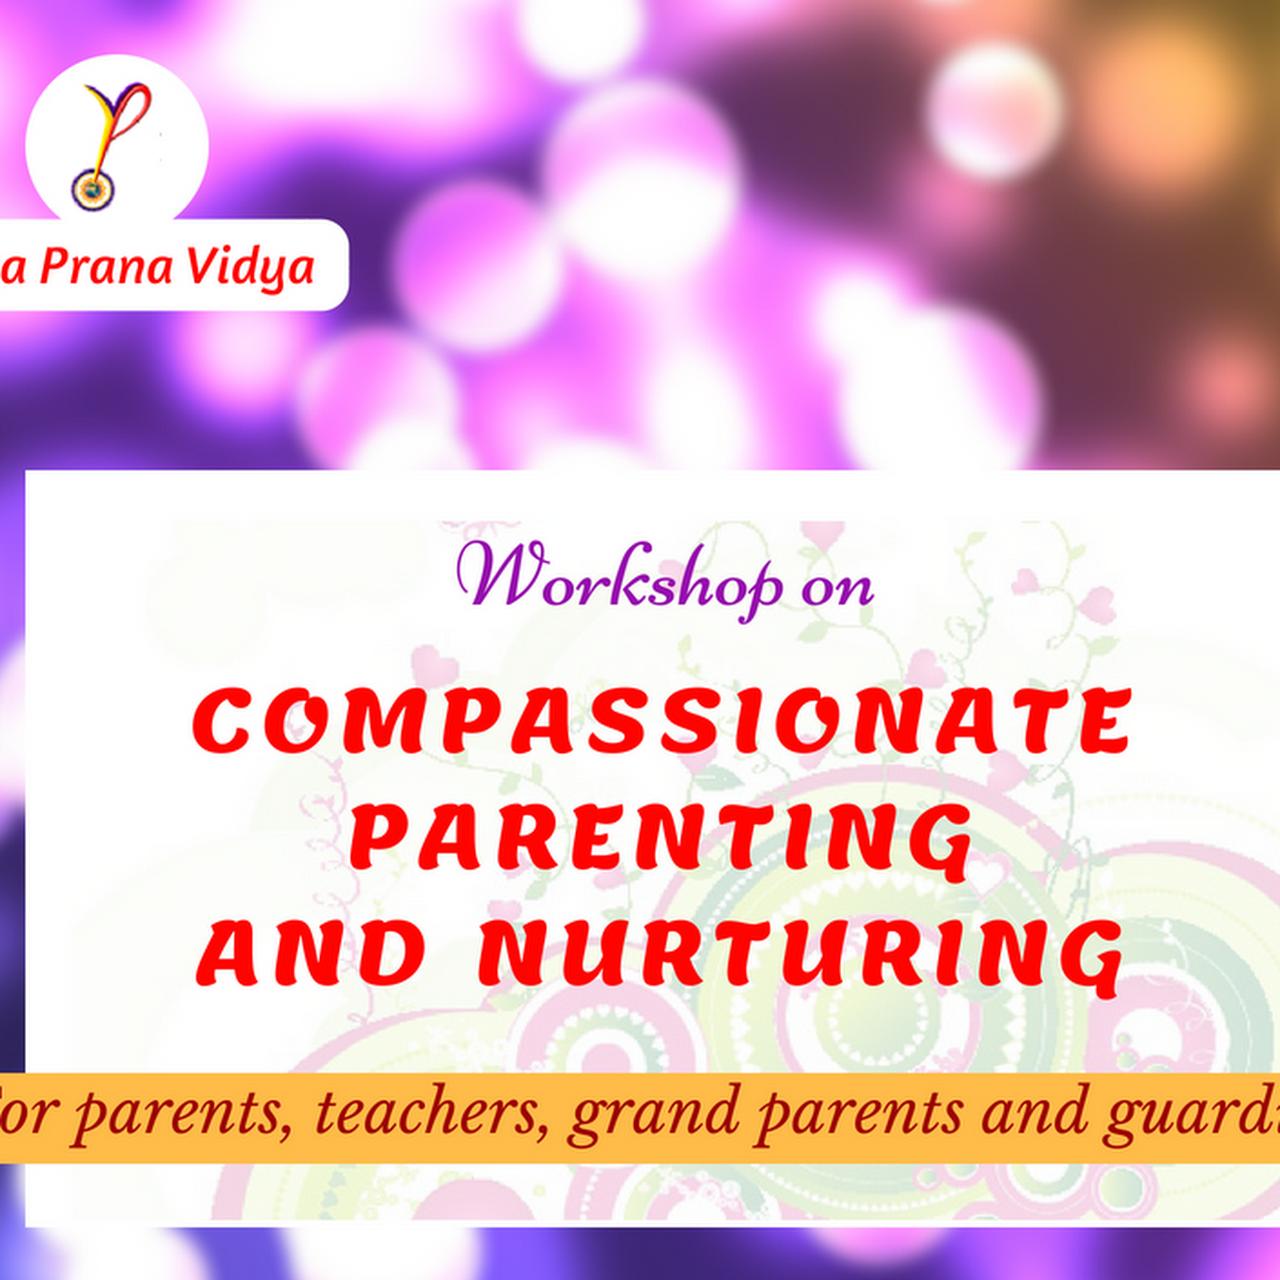 Yoga Prana Vidya Meditation & Healing Center Raipur